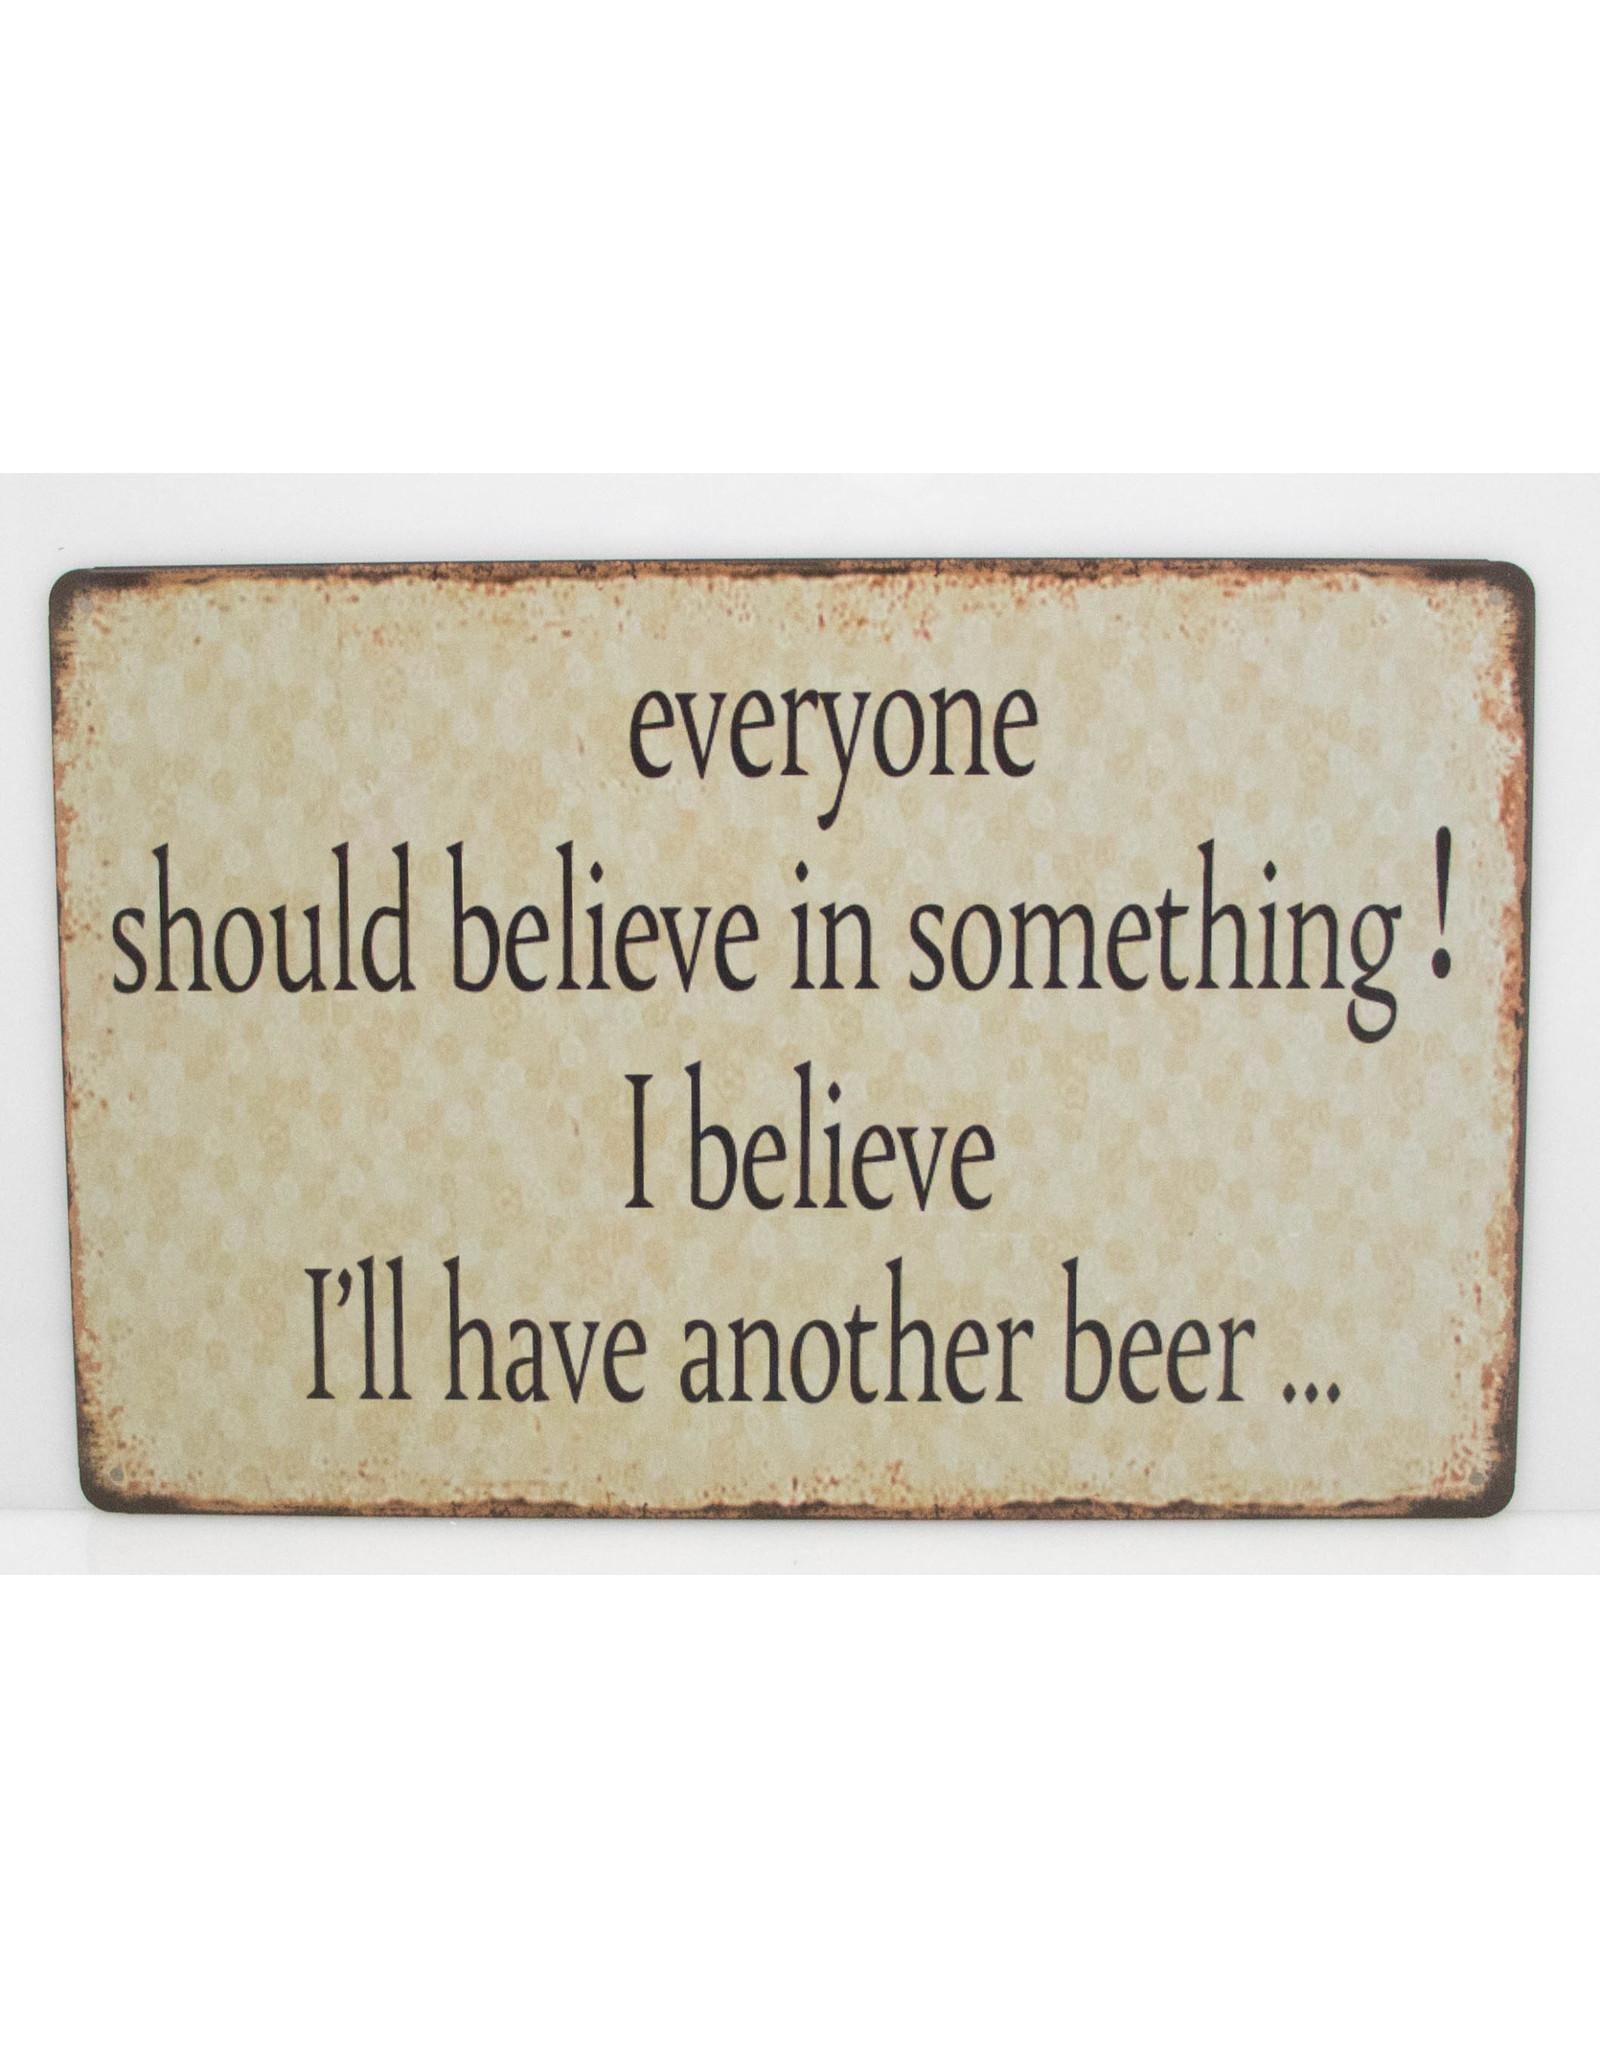 Everyone should believe in something